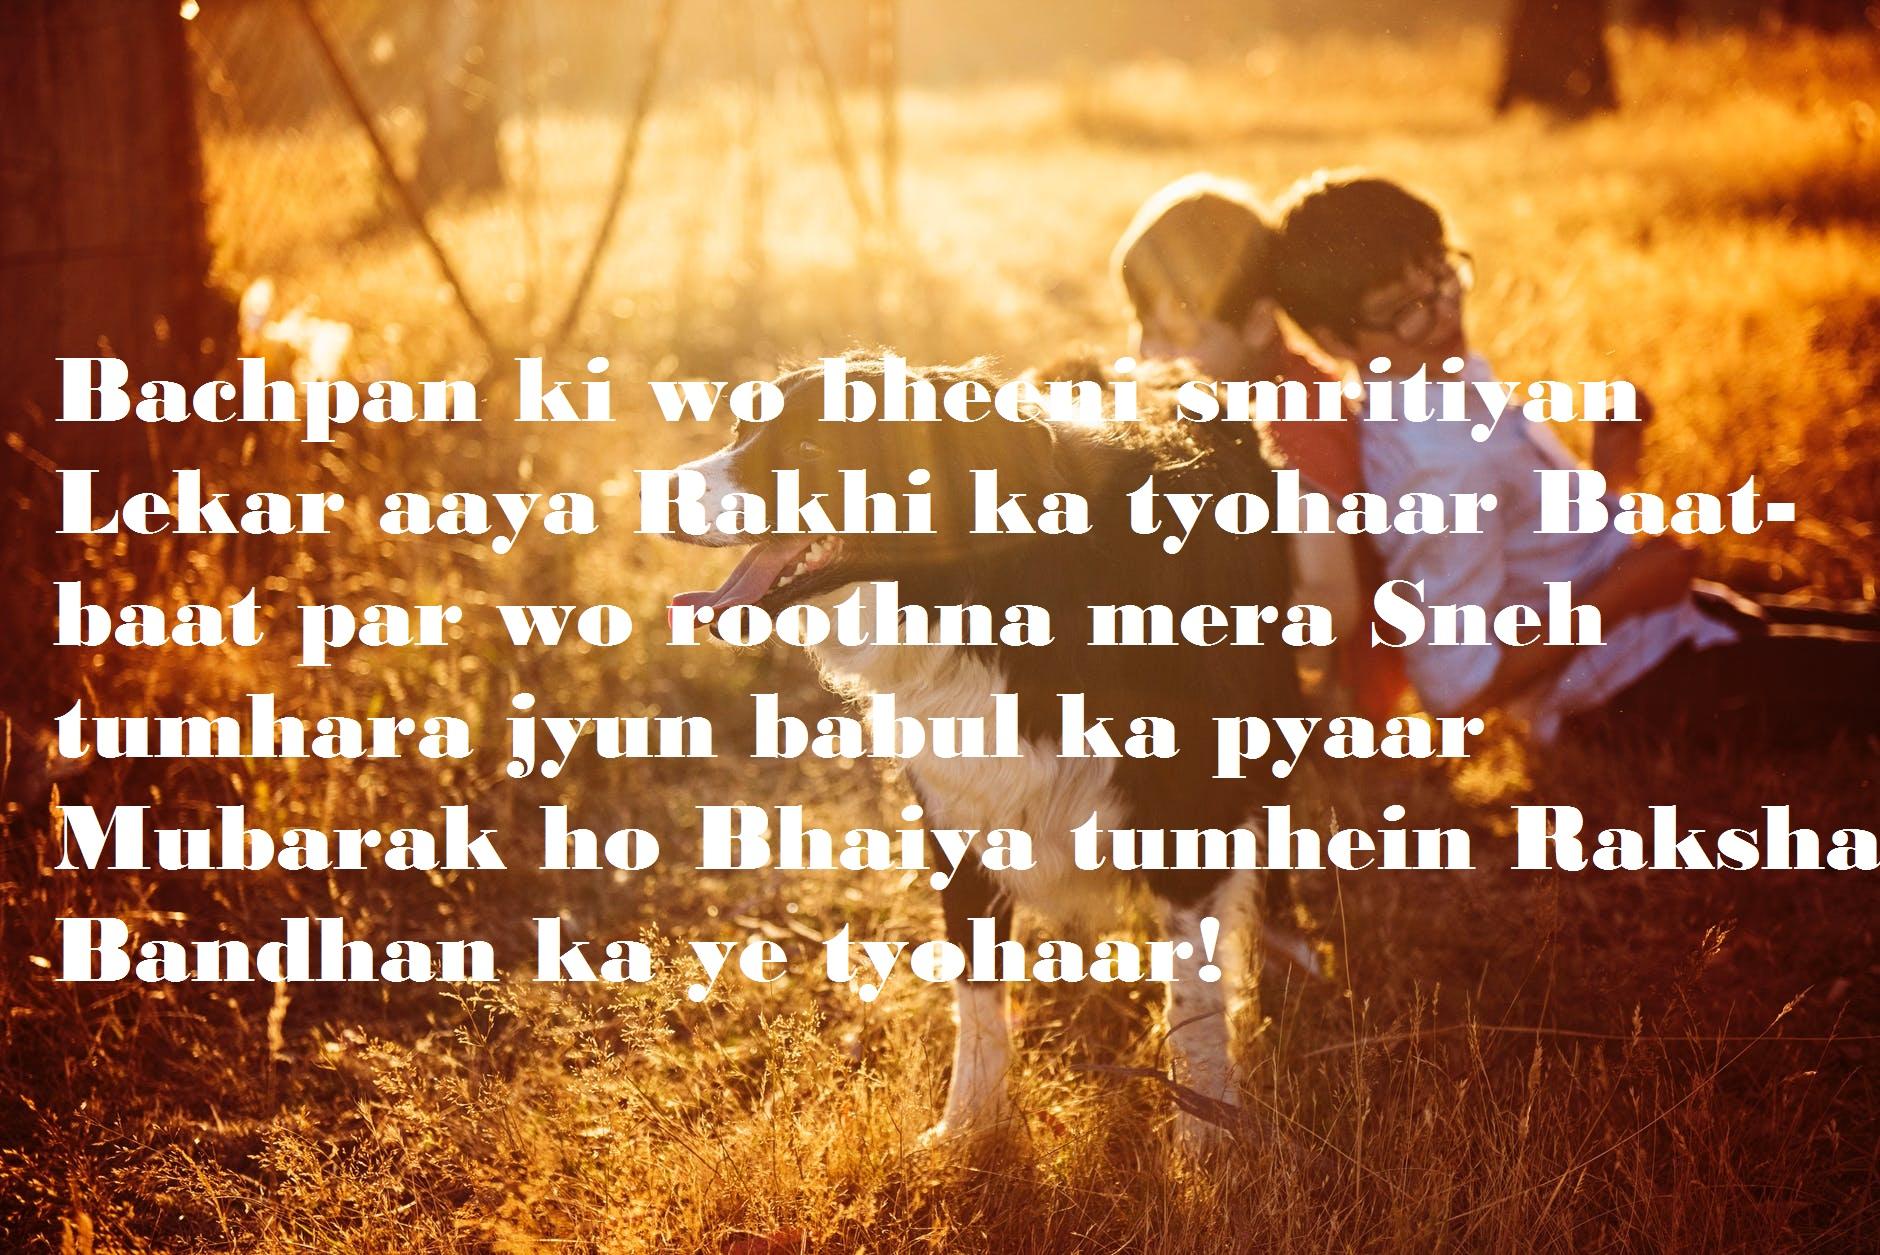 Best Wishes for Raksha Bandhan